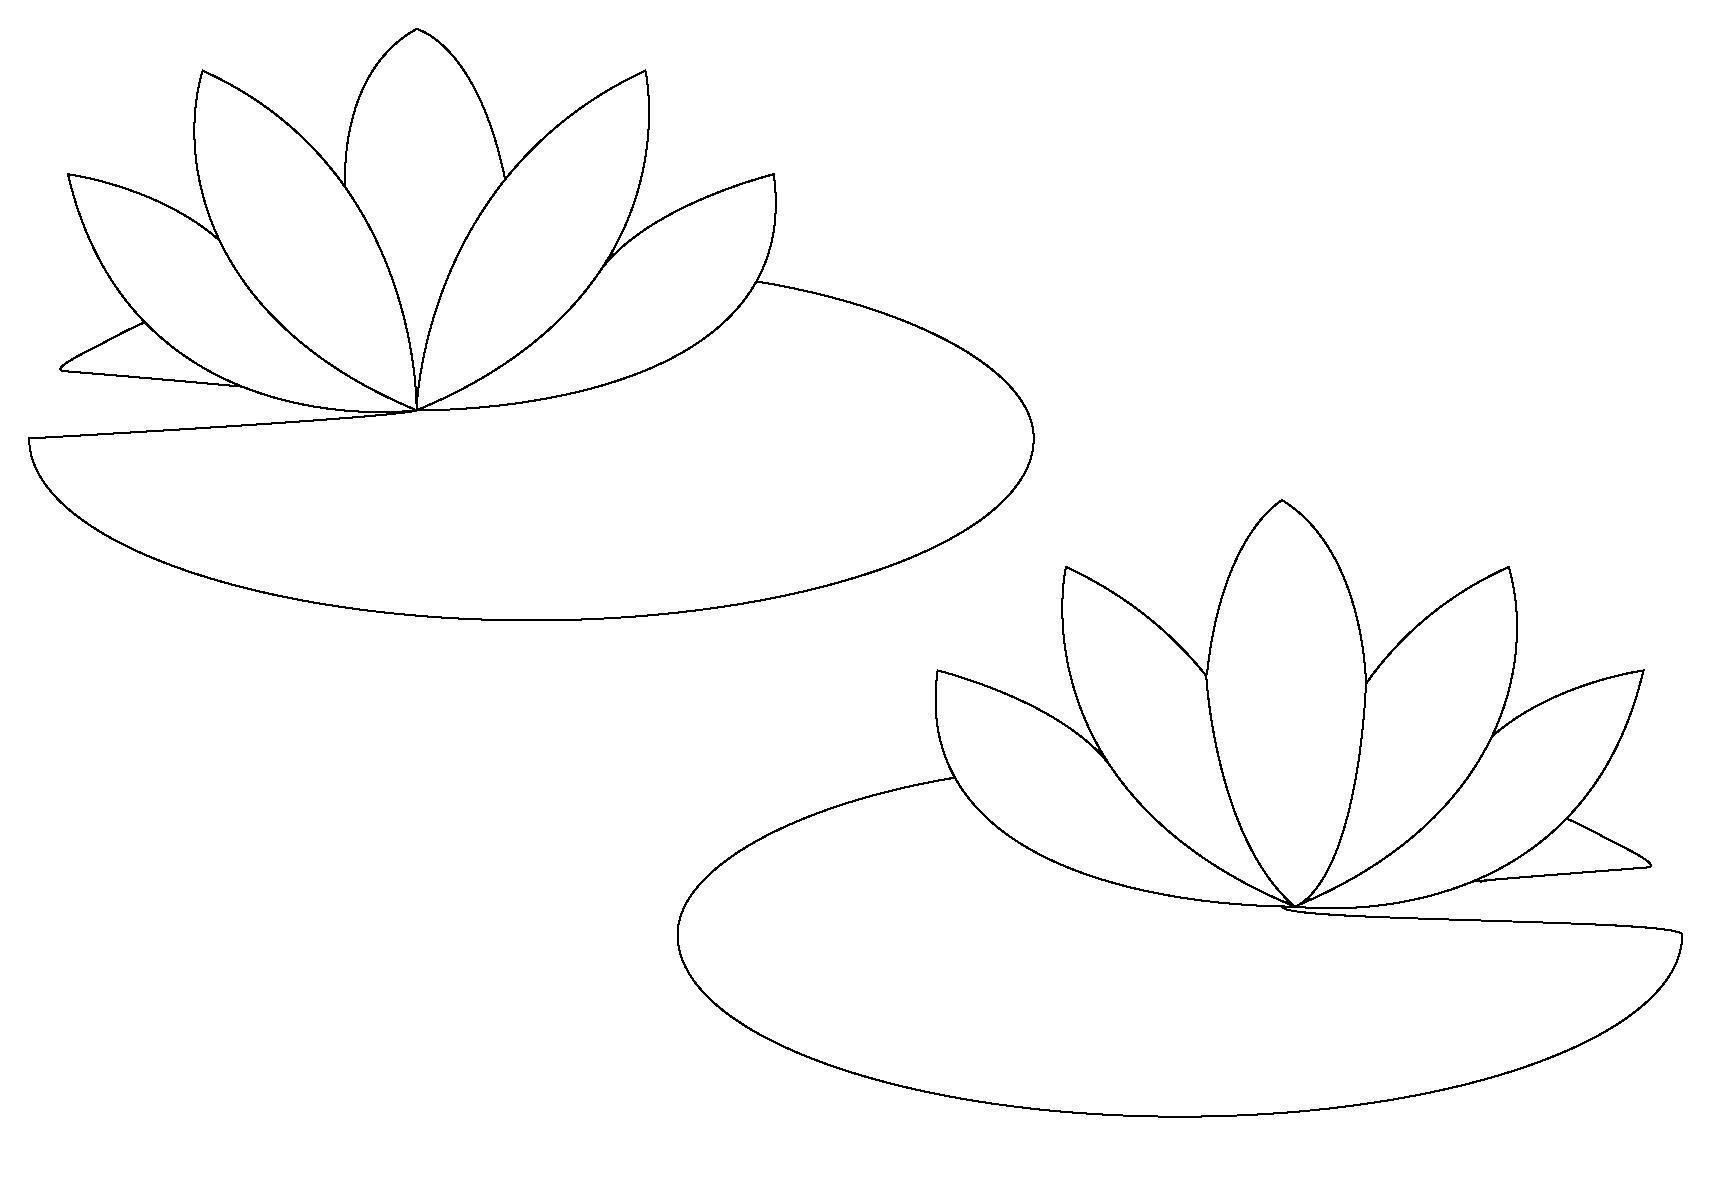 Кувшинки контуры для поделок Раскраски с цветами распечатать бесплатно